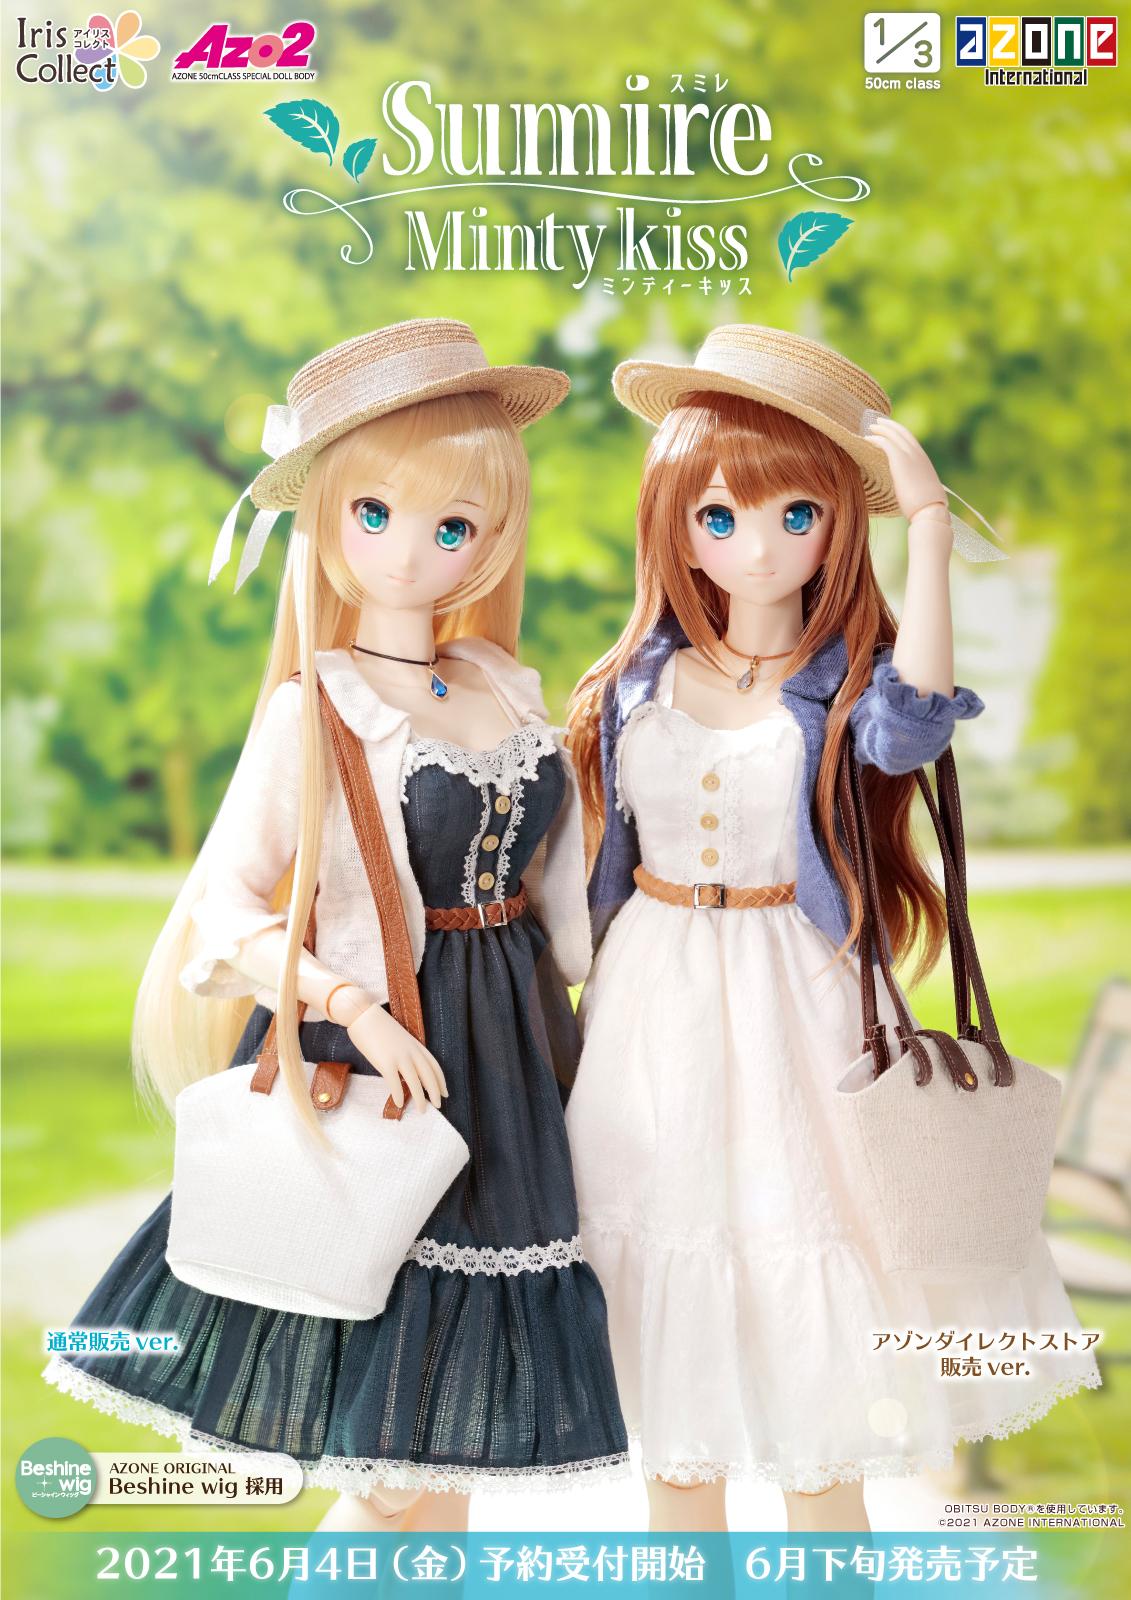 Iris Collect アイリス コレクト『スミレ/Minty kiss(通常販売ver.)』1/3 完成品ドール-001